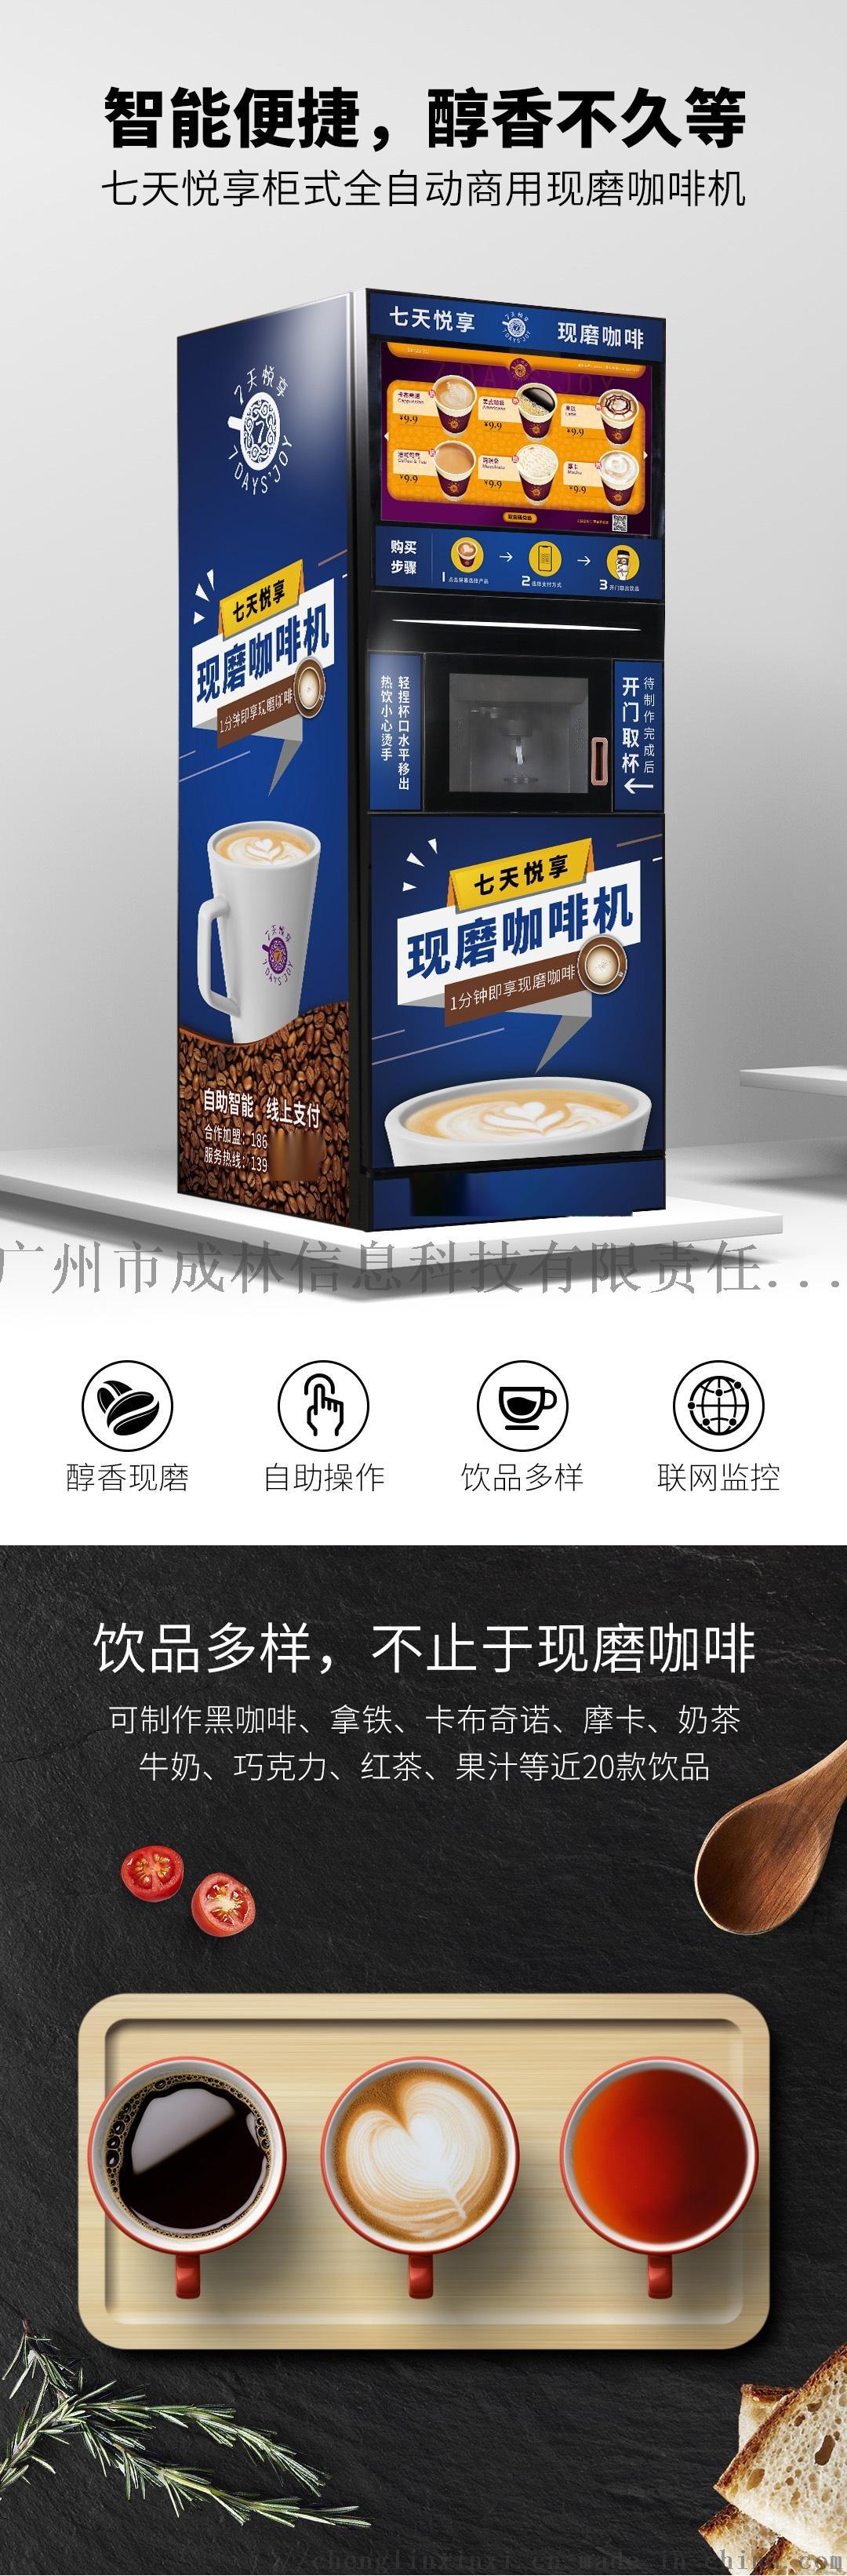 七天悦享现磨咖啡机 多功能商用全自动现磨咖啡机 全自动现磨咖啡机 商用全自动现磨桌面咖啡机144180985